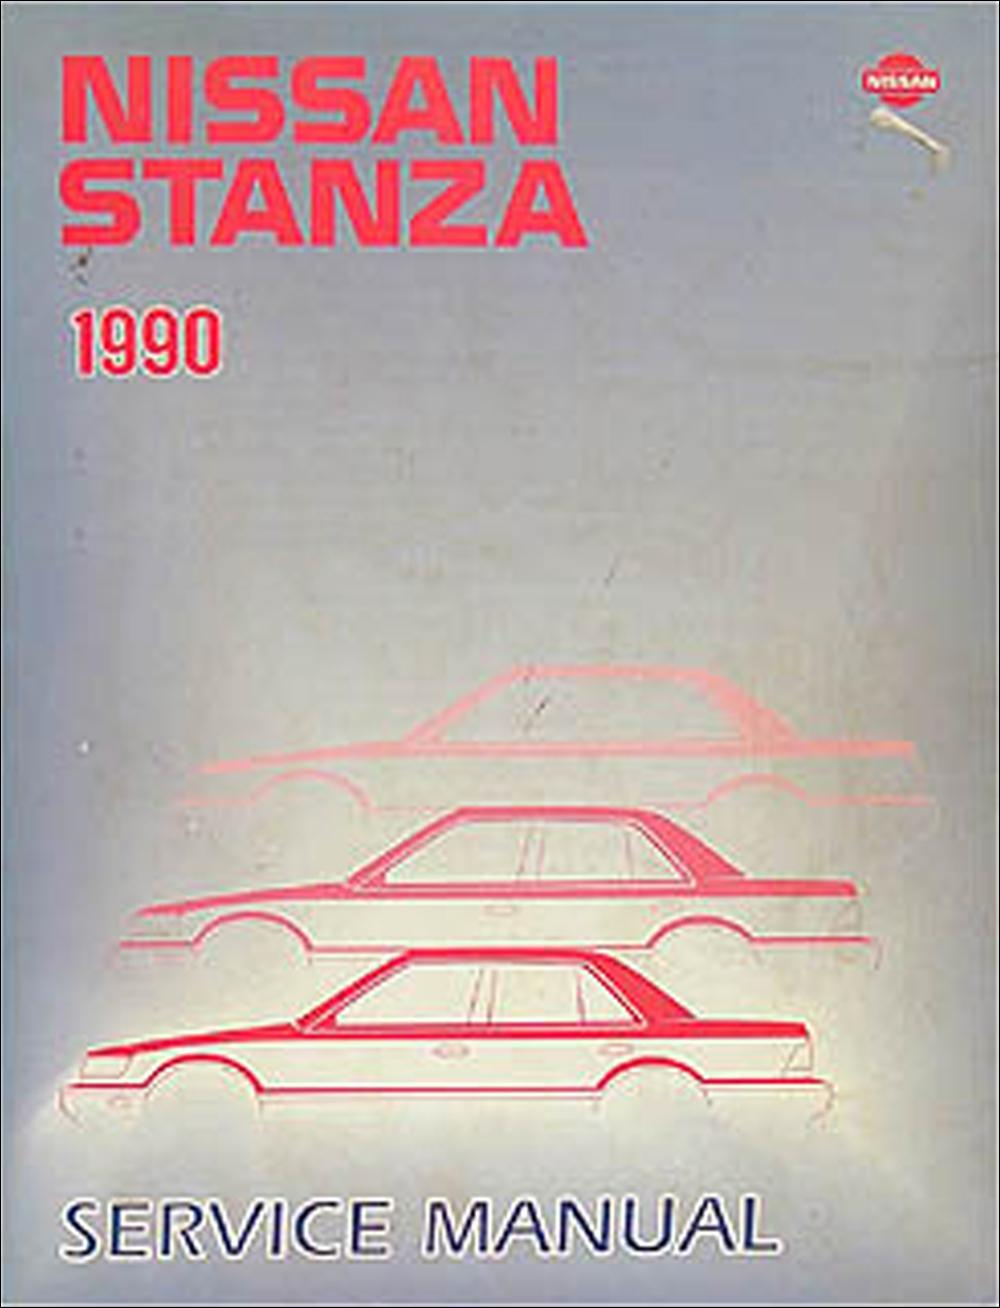 1990 Nissan Stanza Repair Manual Original